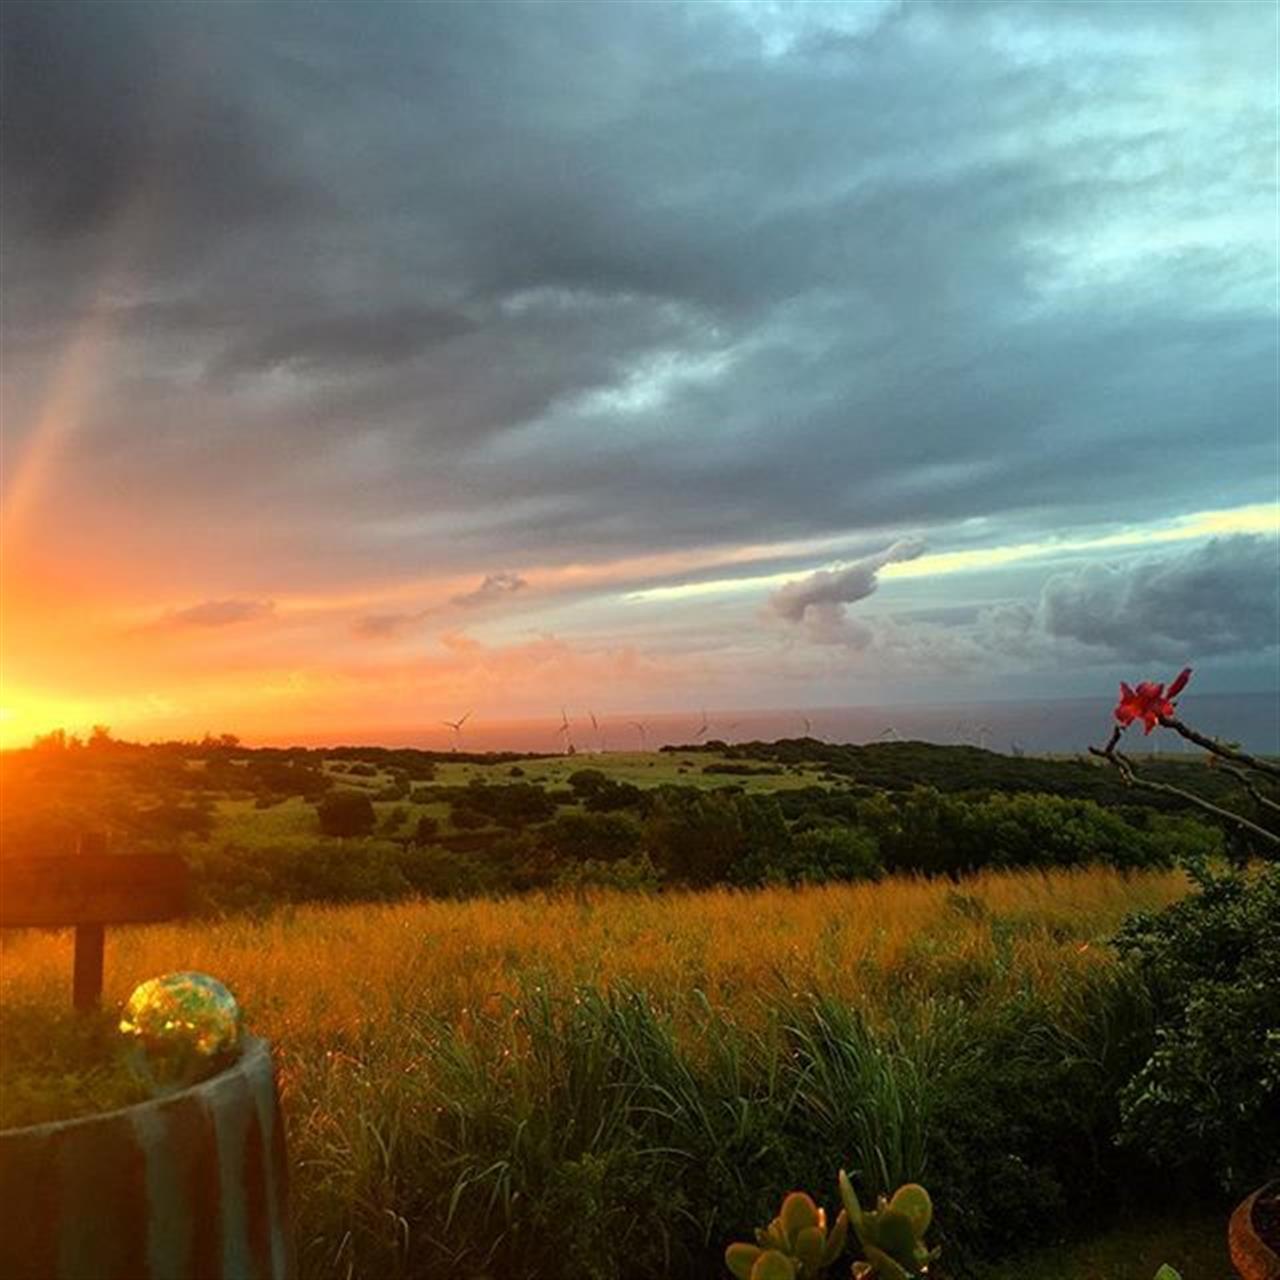 Hope y'all had a wonderful weekend! Sending you a #SundaySunset goodnight! #derbyfarm #kohala #hawaii #bigisland